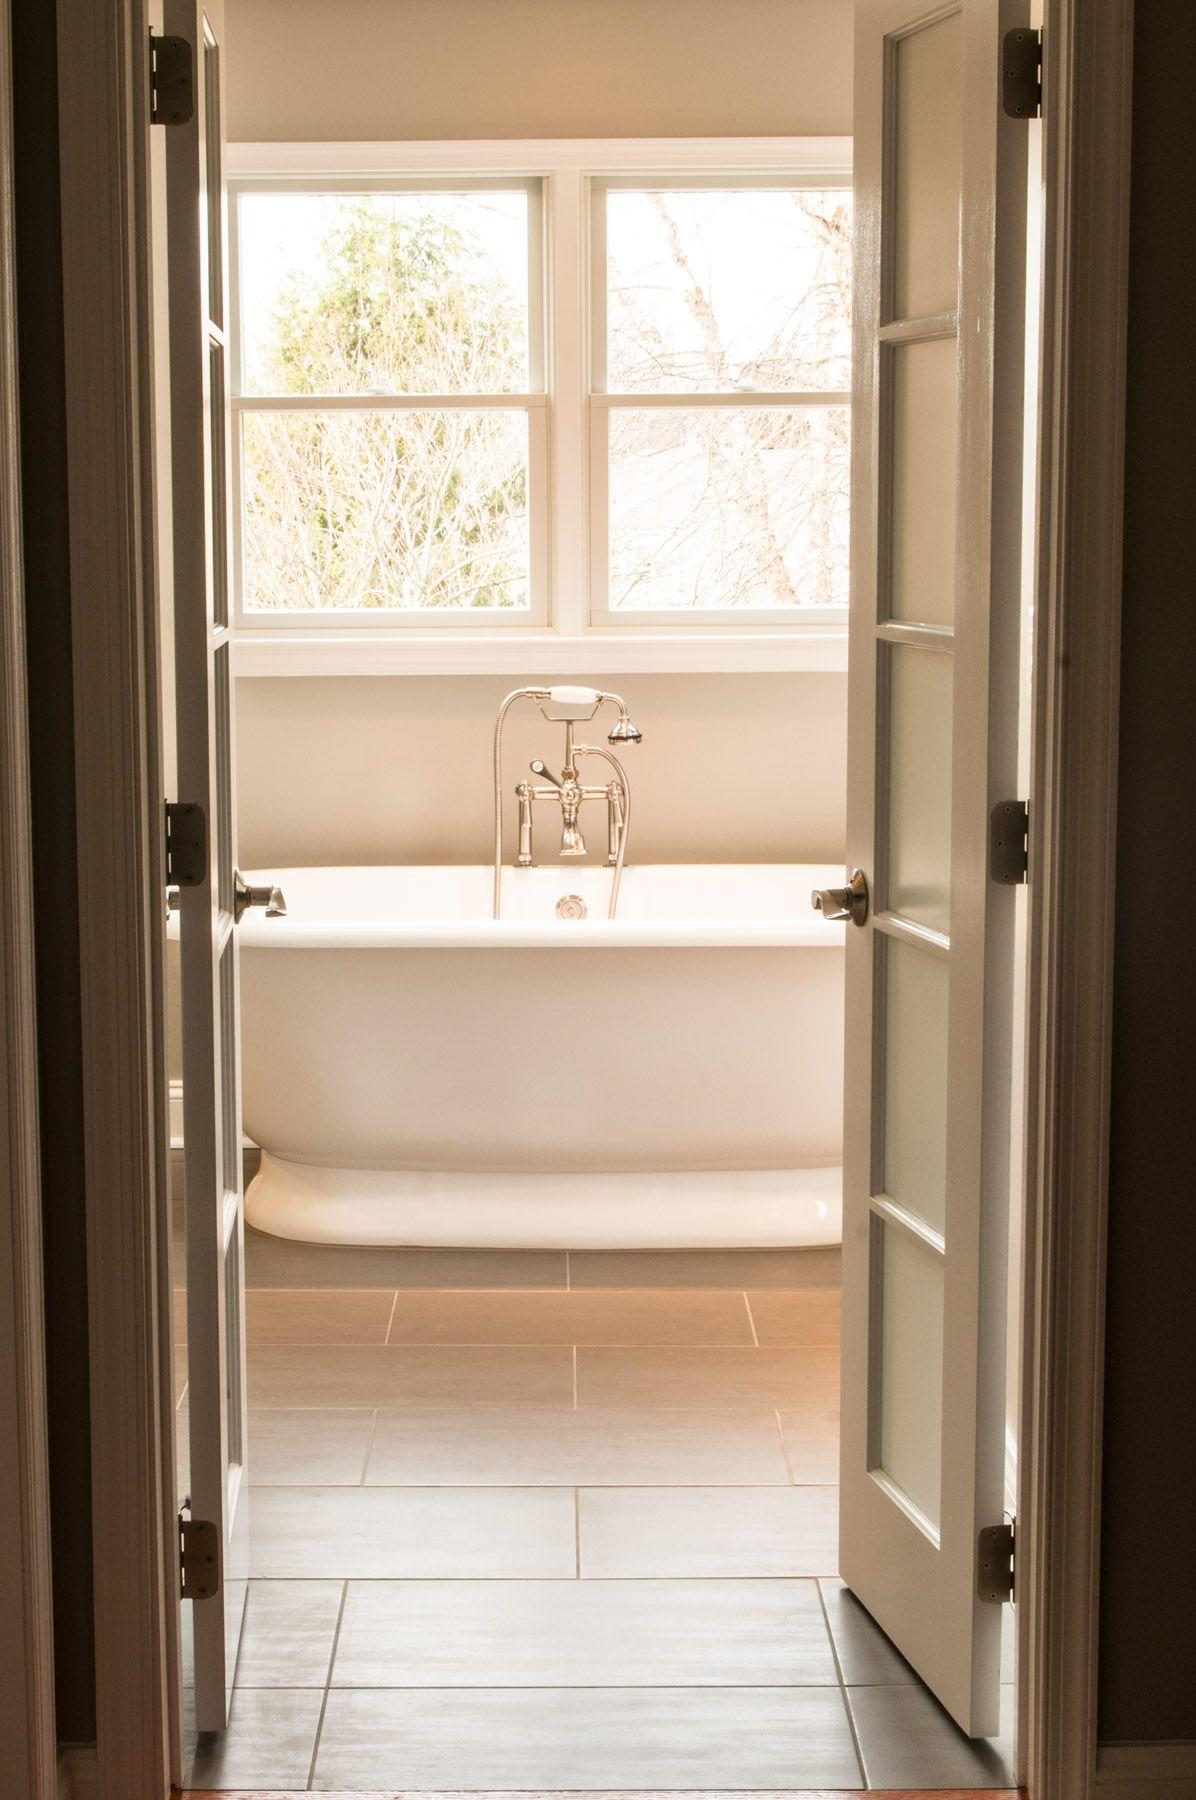 Double Swinging Bathroom Doors Best Home Interior